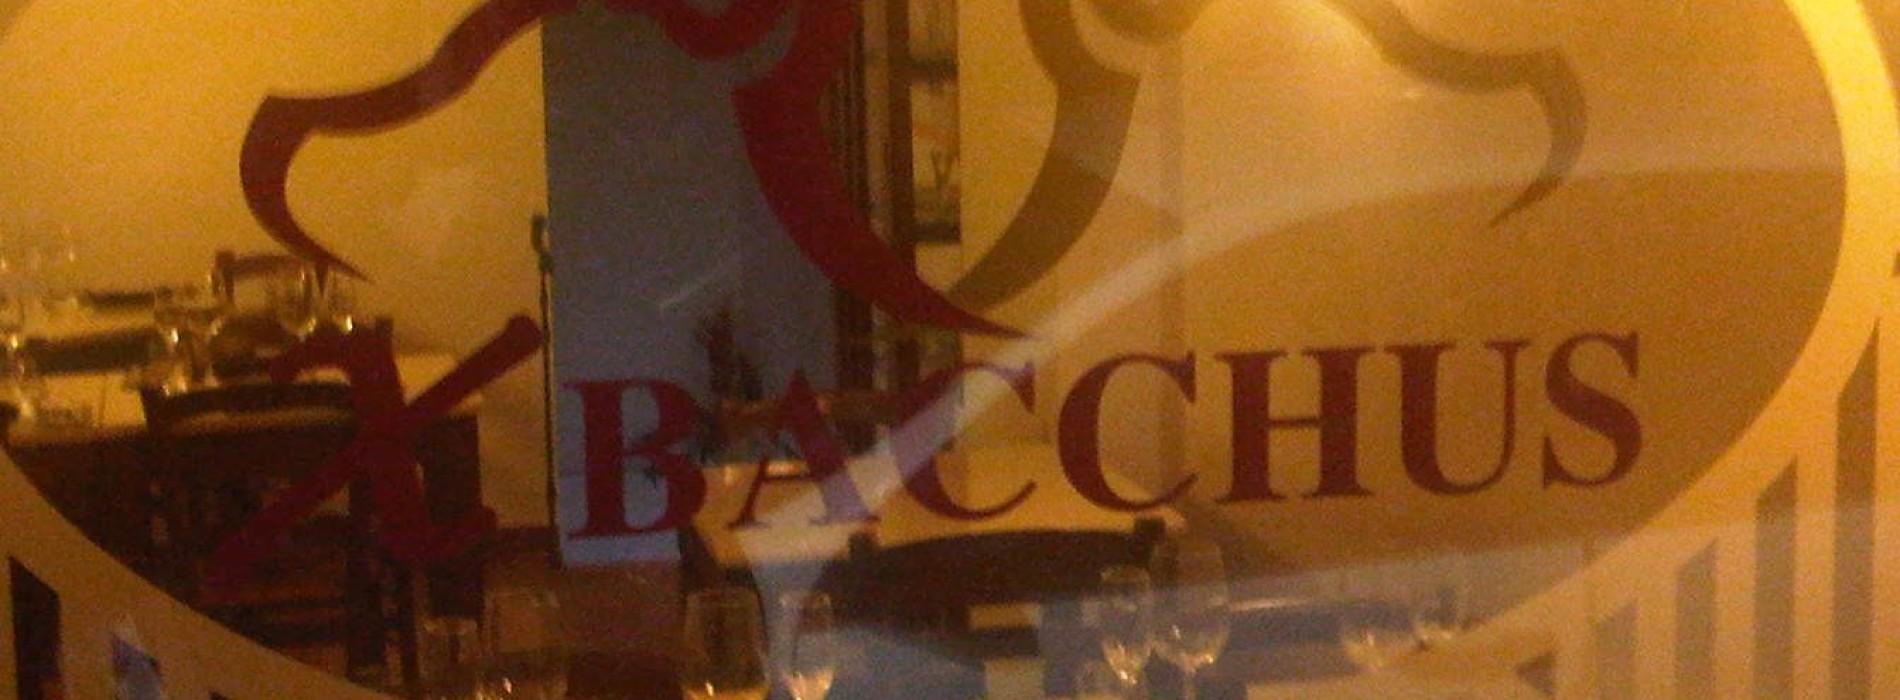 X Bacchus a Prati, per carnivori